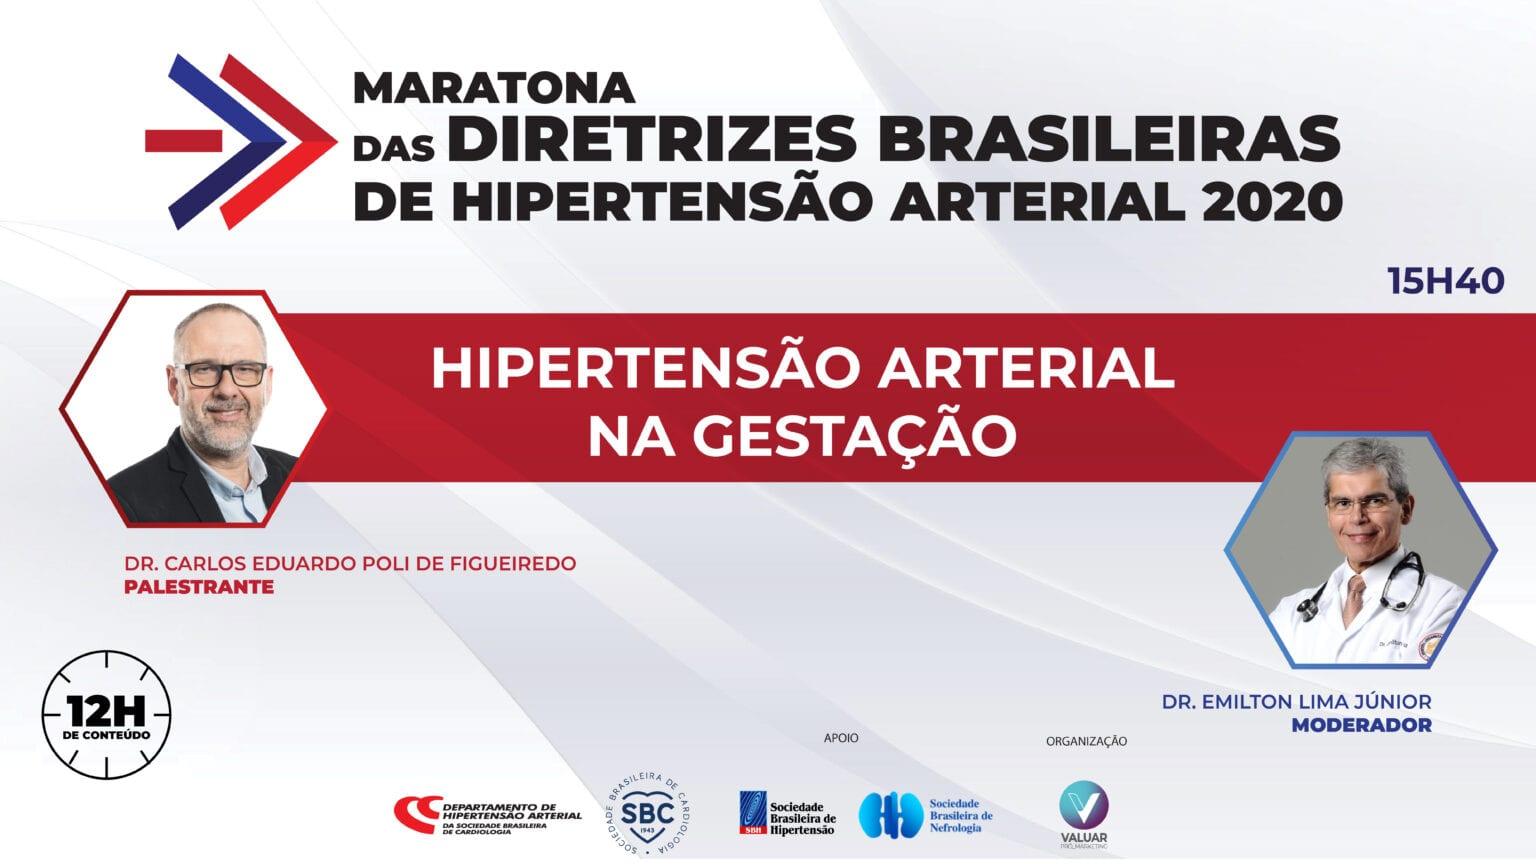 Hipertensão Arterial na Gestação